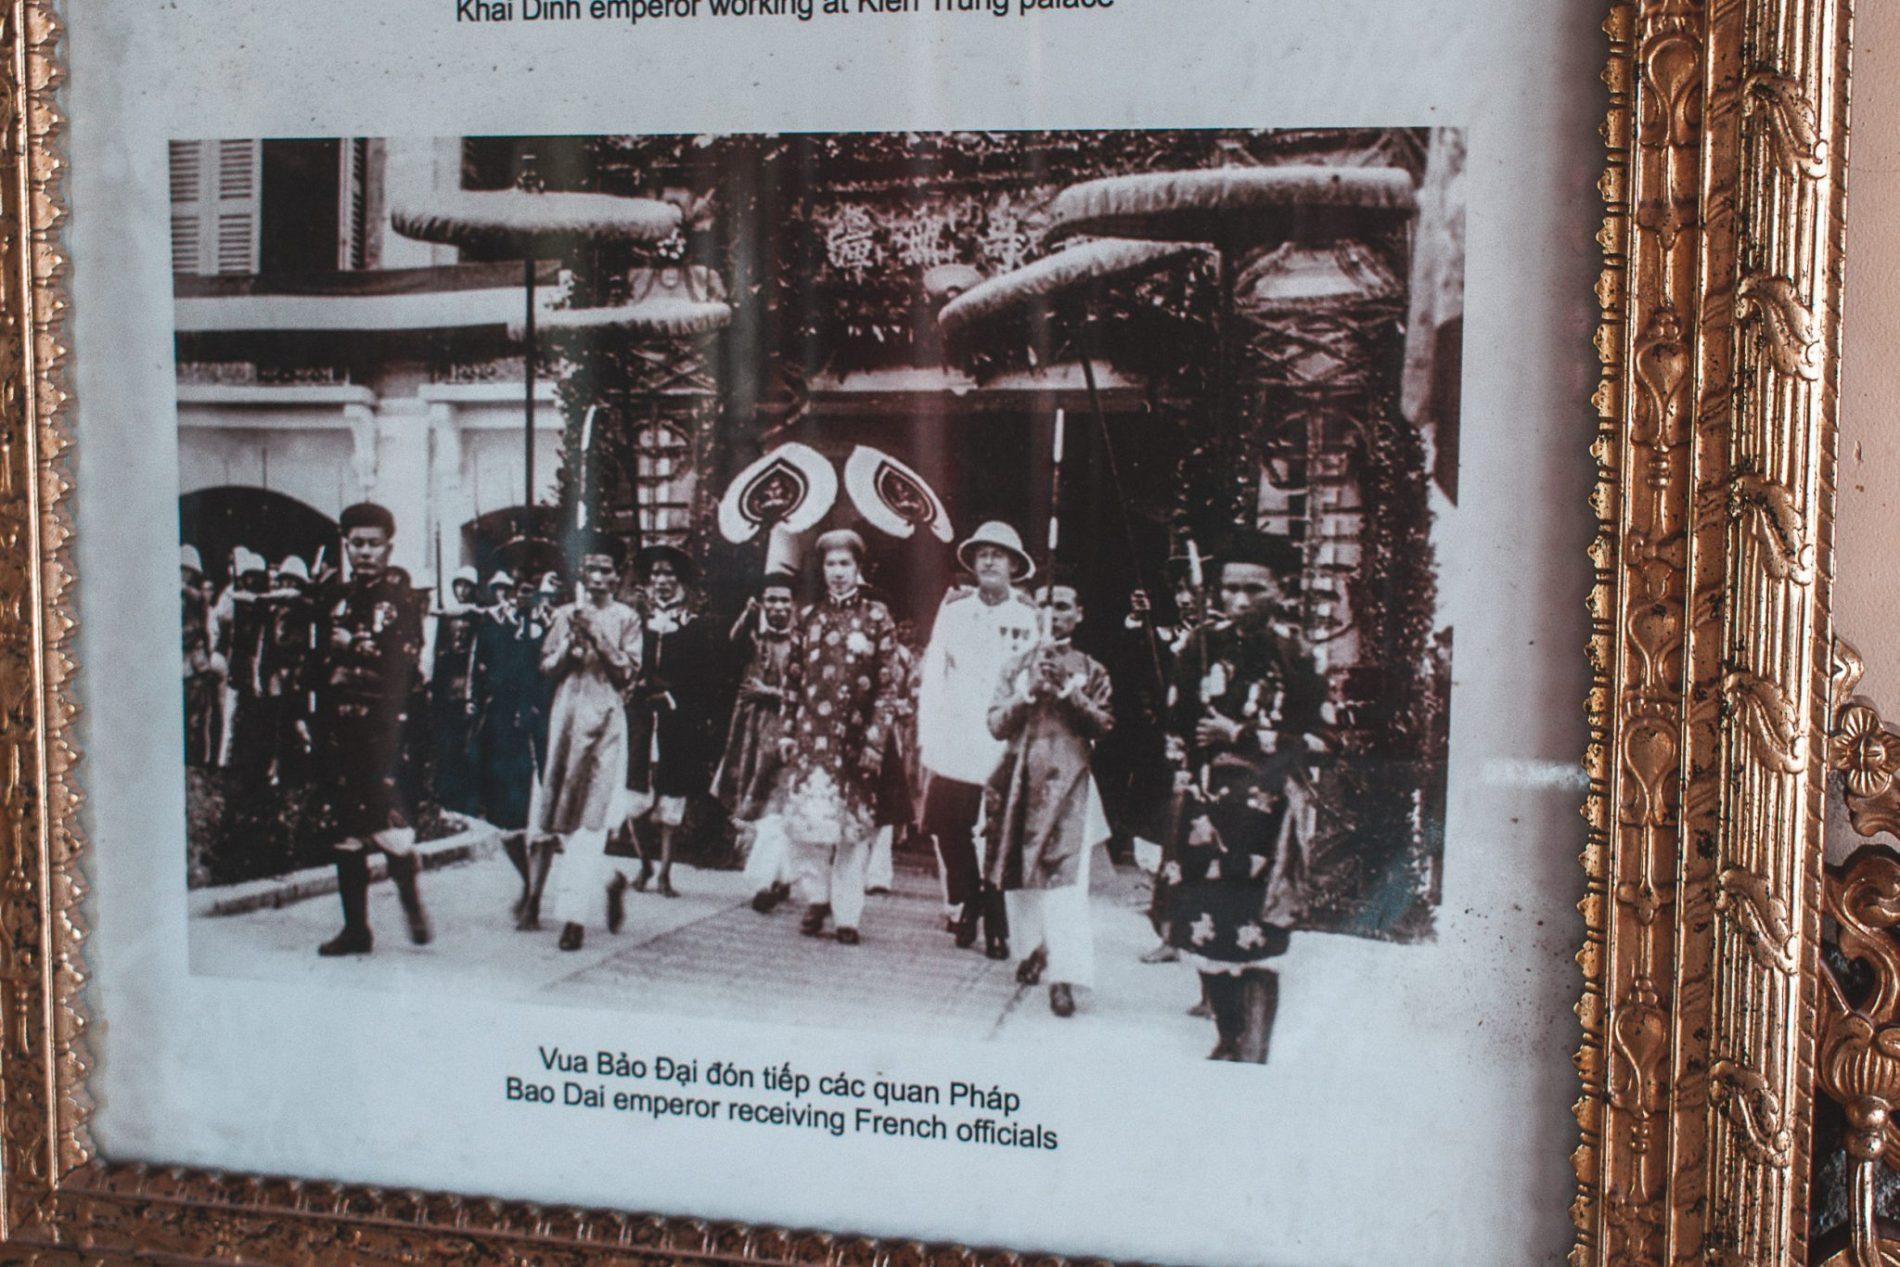 História de Hue no Vietnã